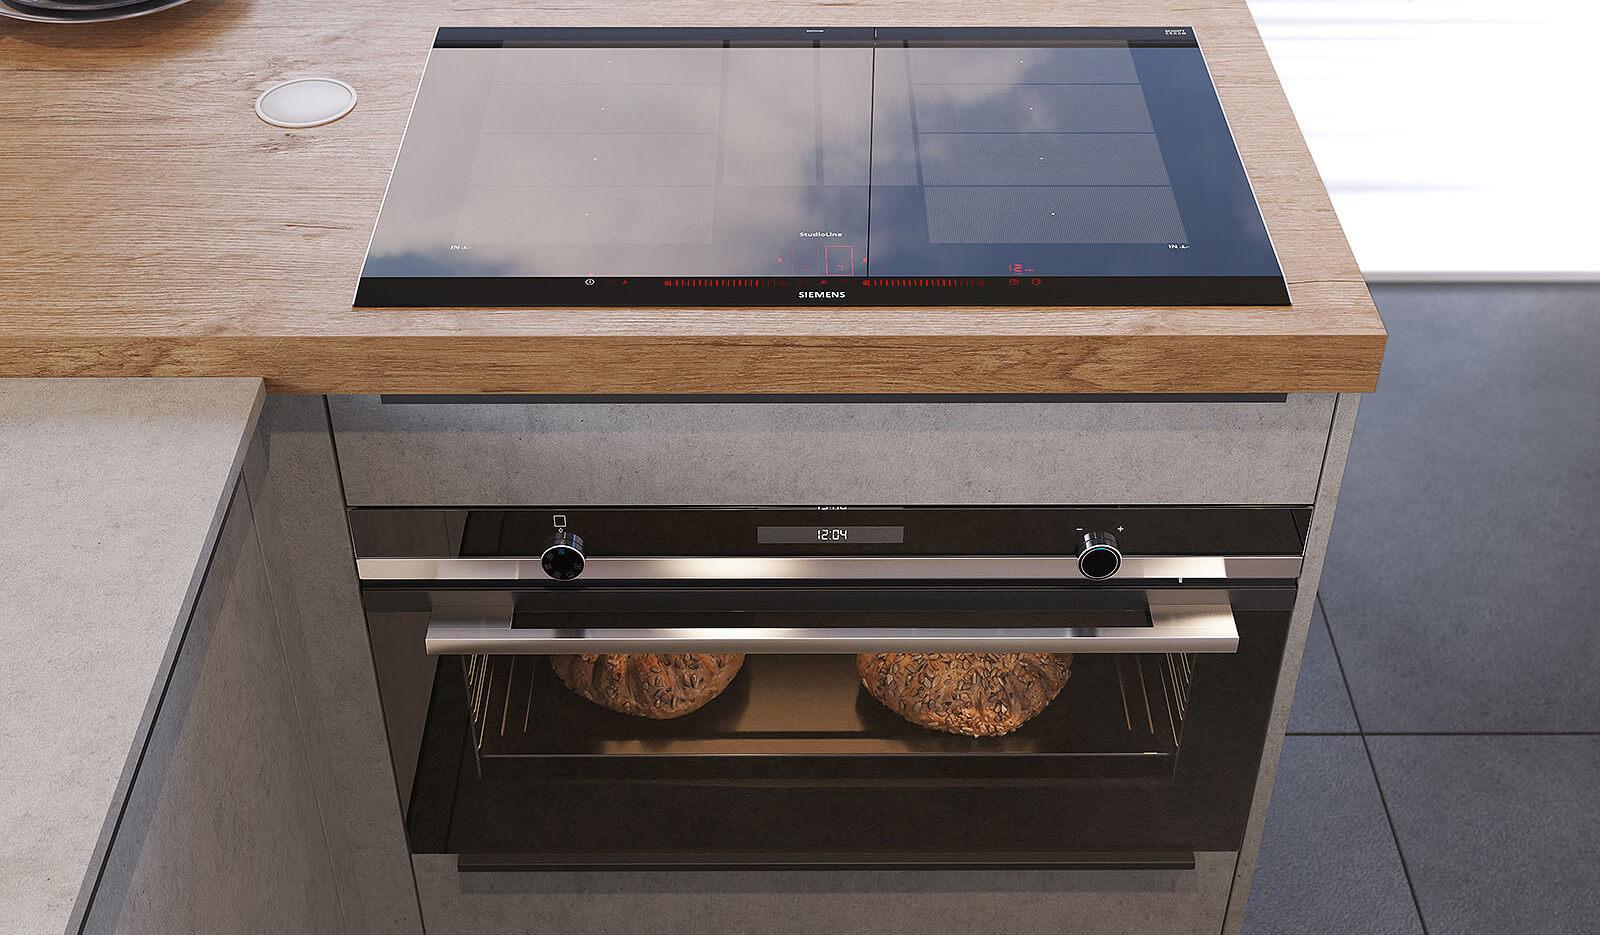 Keuken Atlas betongrijs & oud eiken natuur - extra grote oven